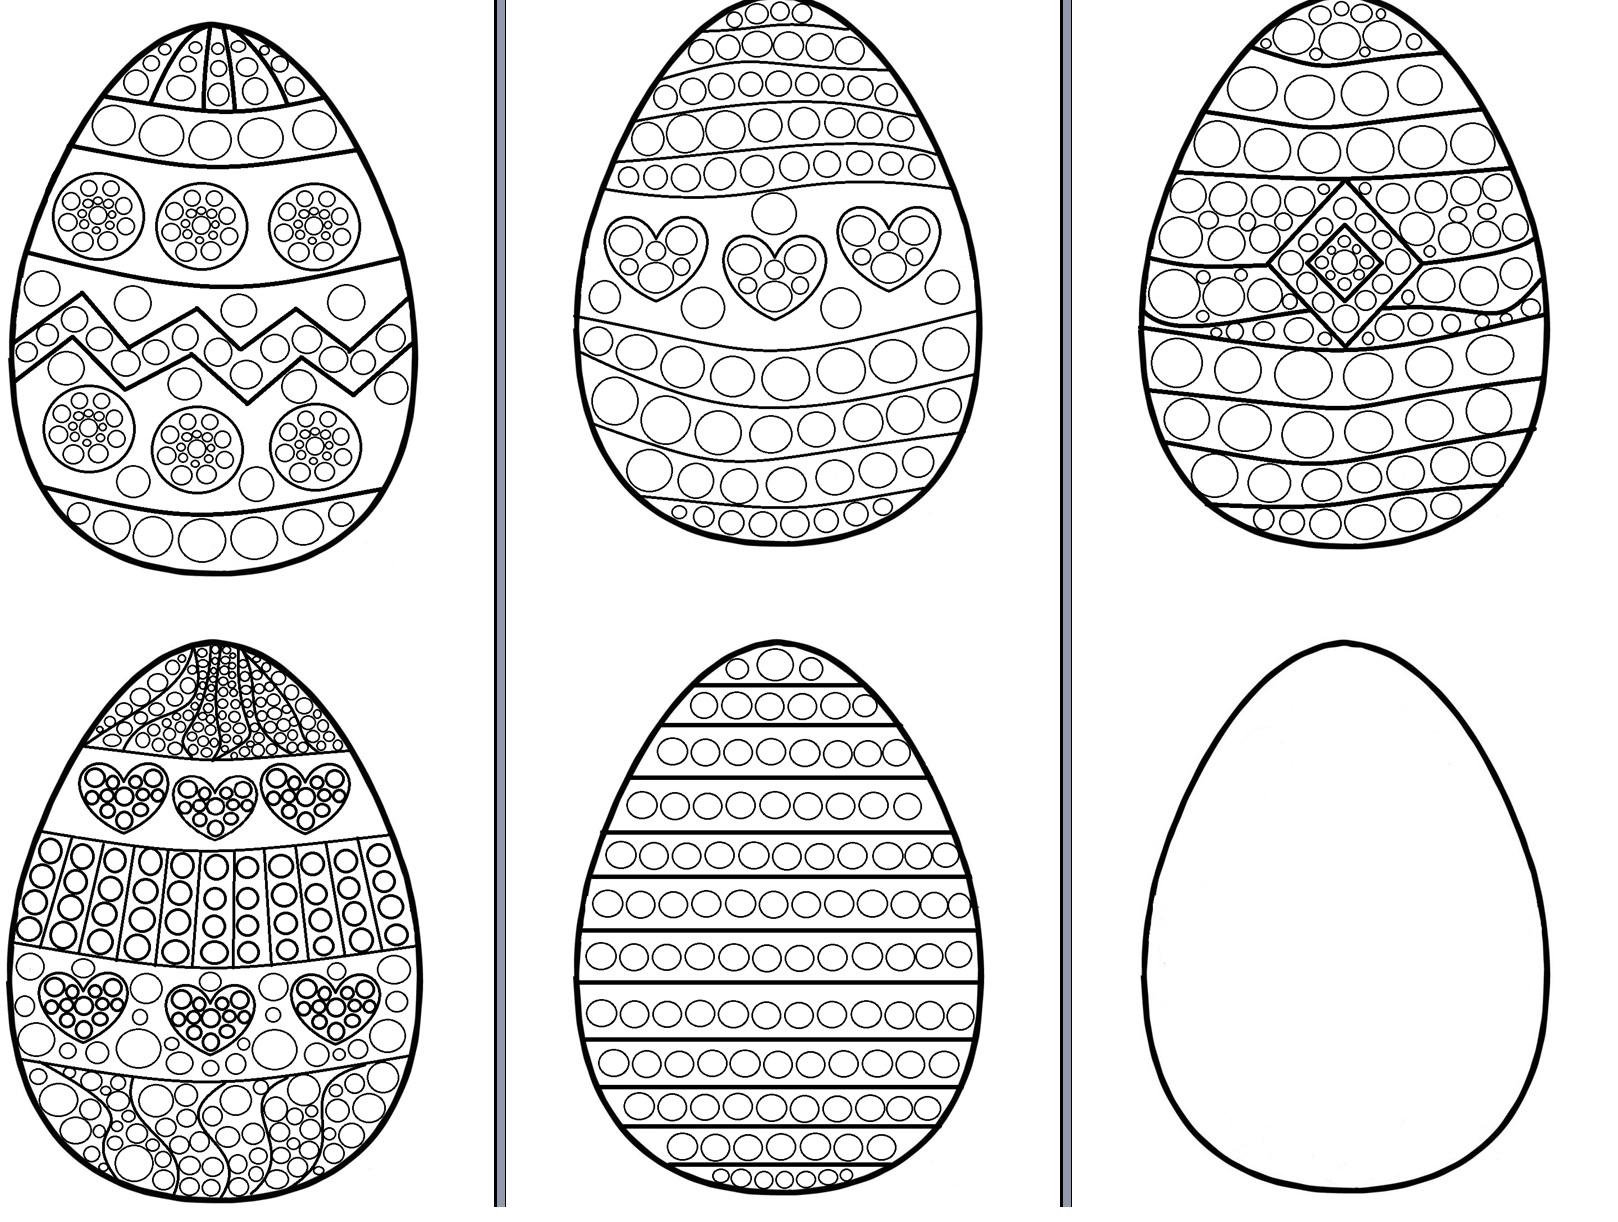 Kolorowanki Do Druku Wyklejania Plasteliną I Malowania Na Wielkanoc